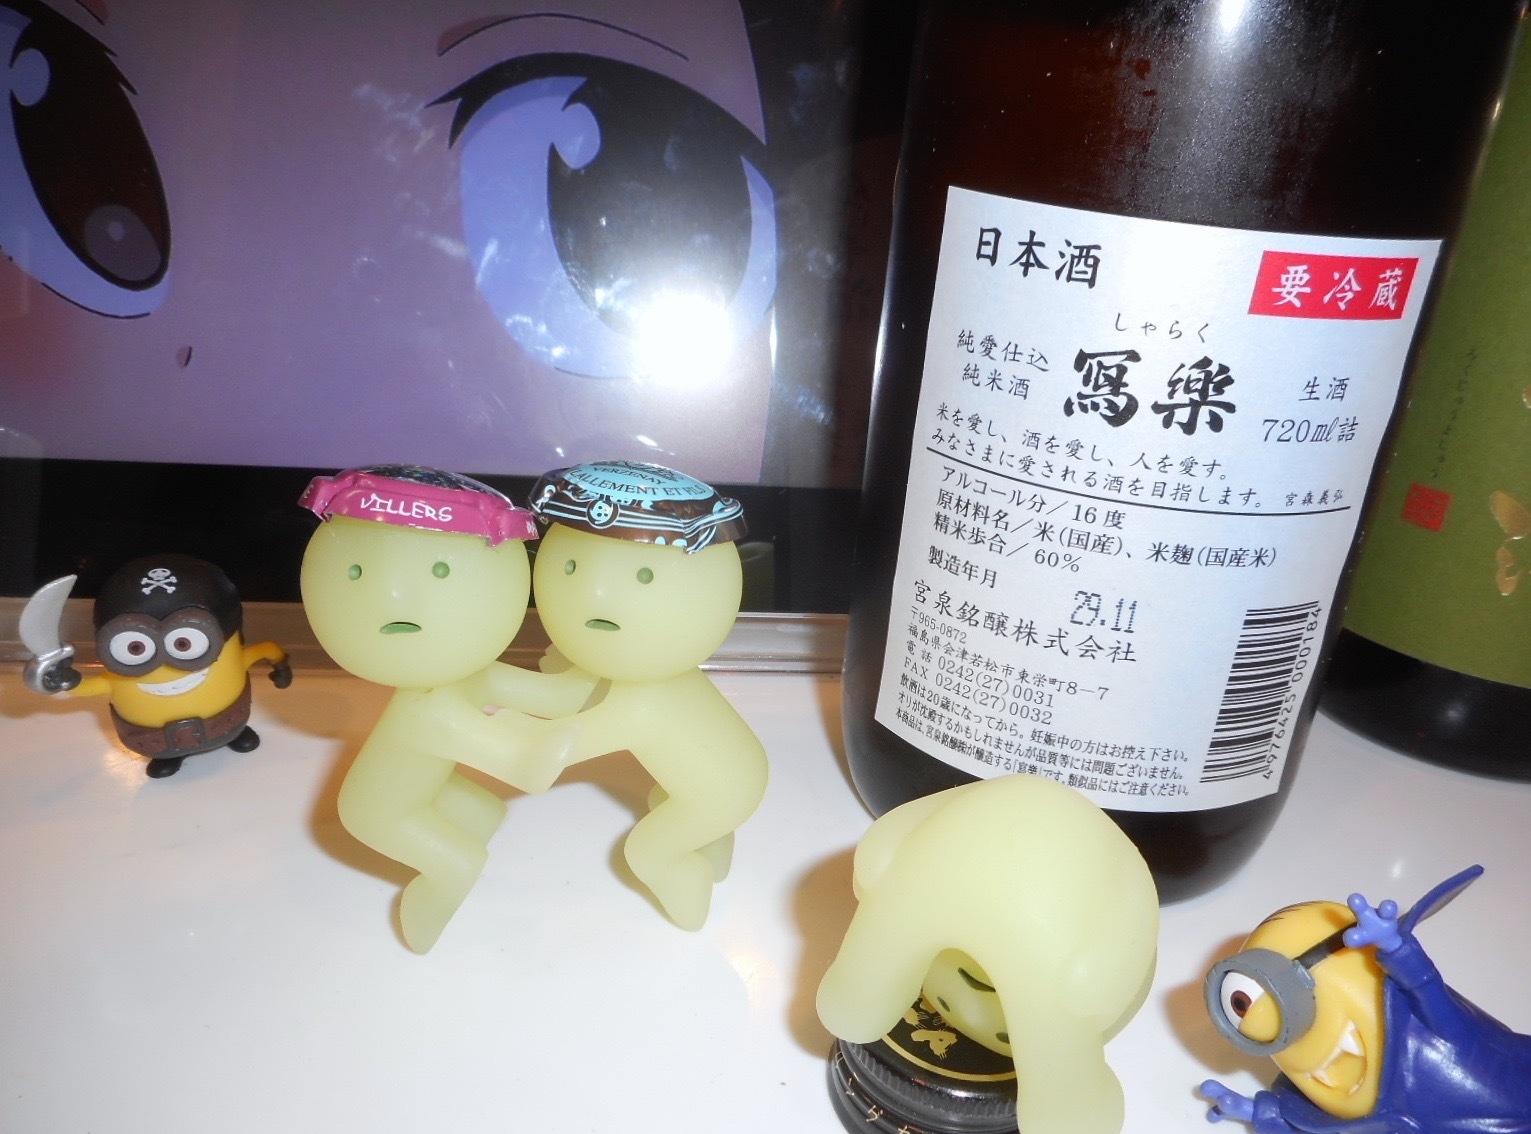 sharaku_hatsushibori29by11_2.jpg